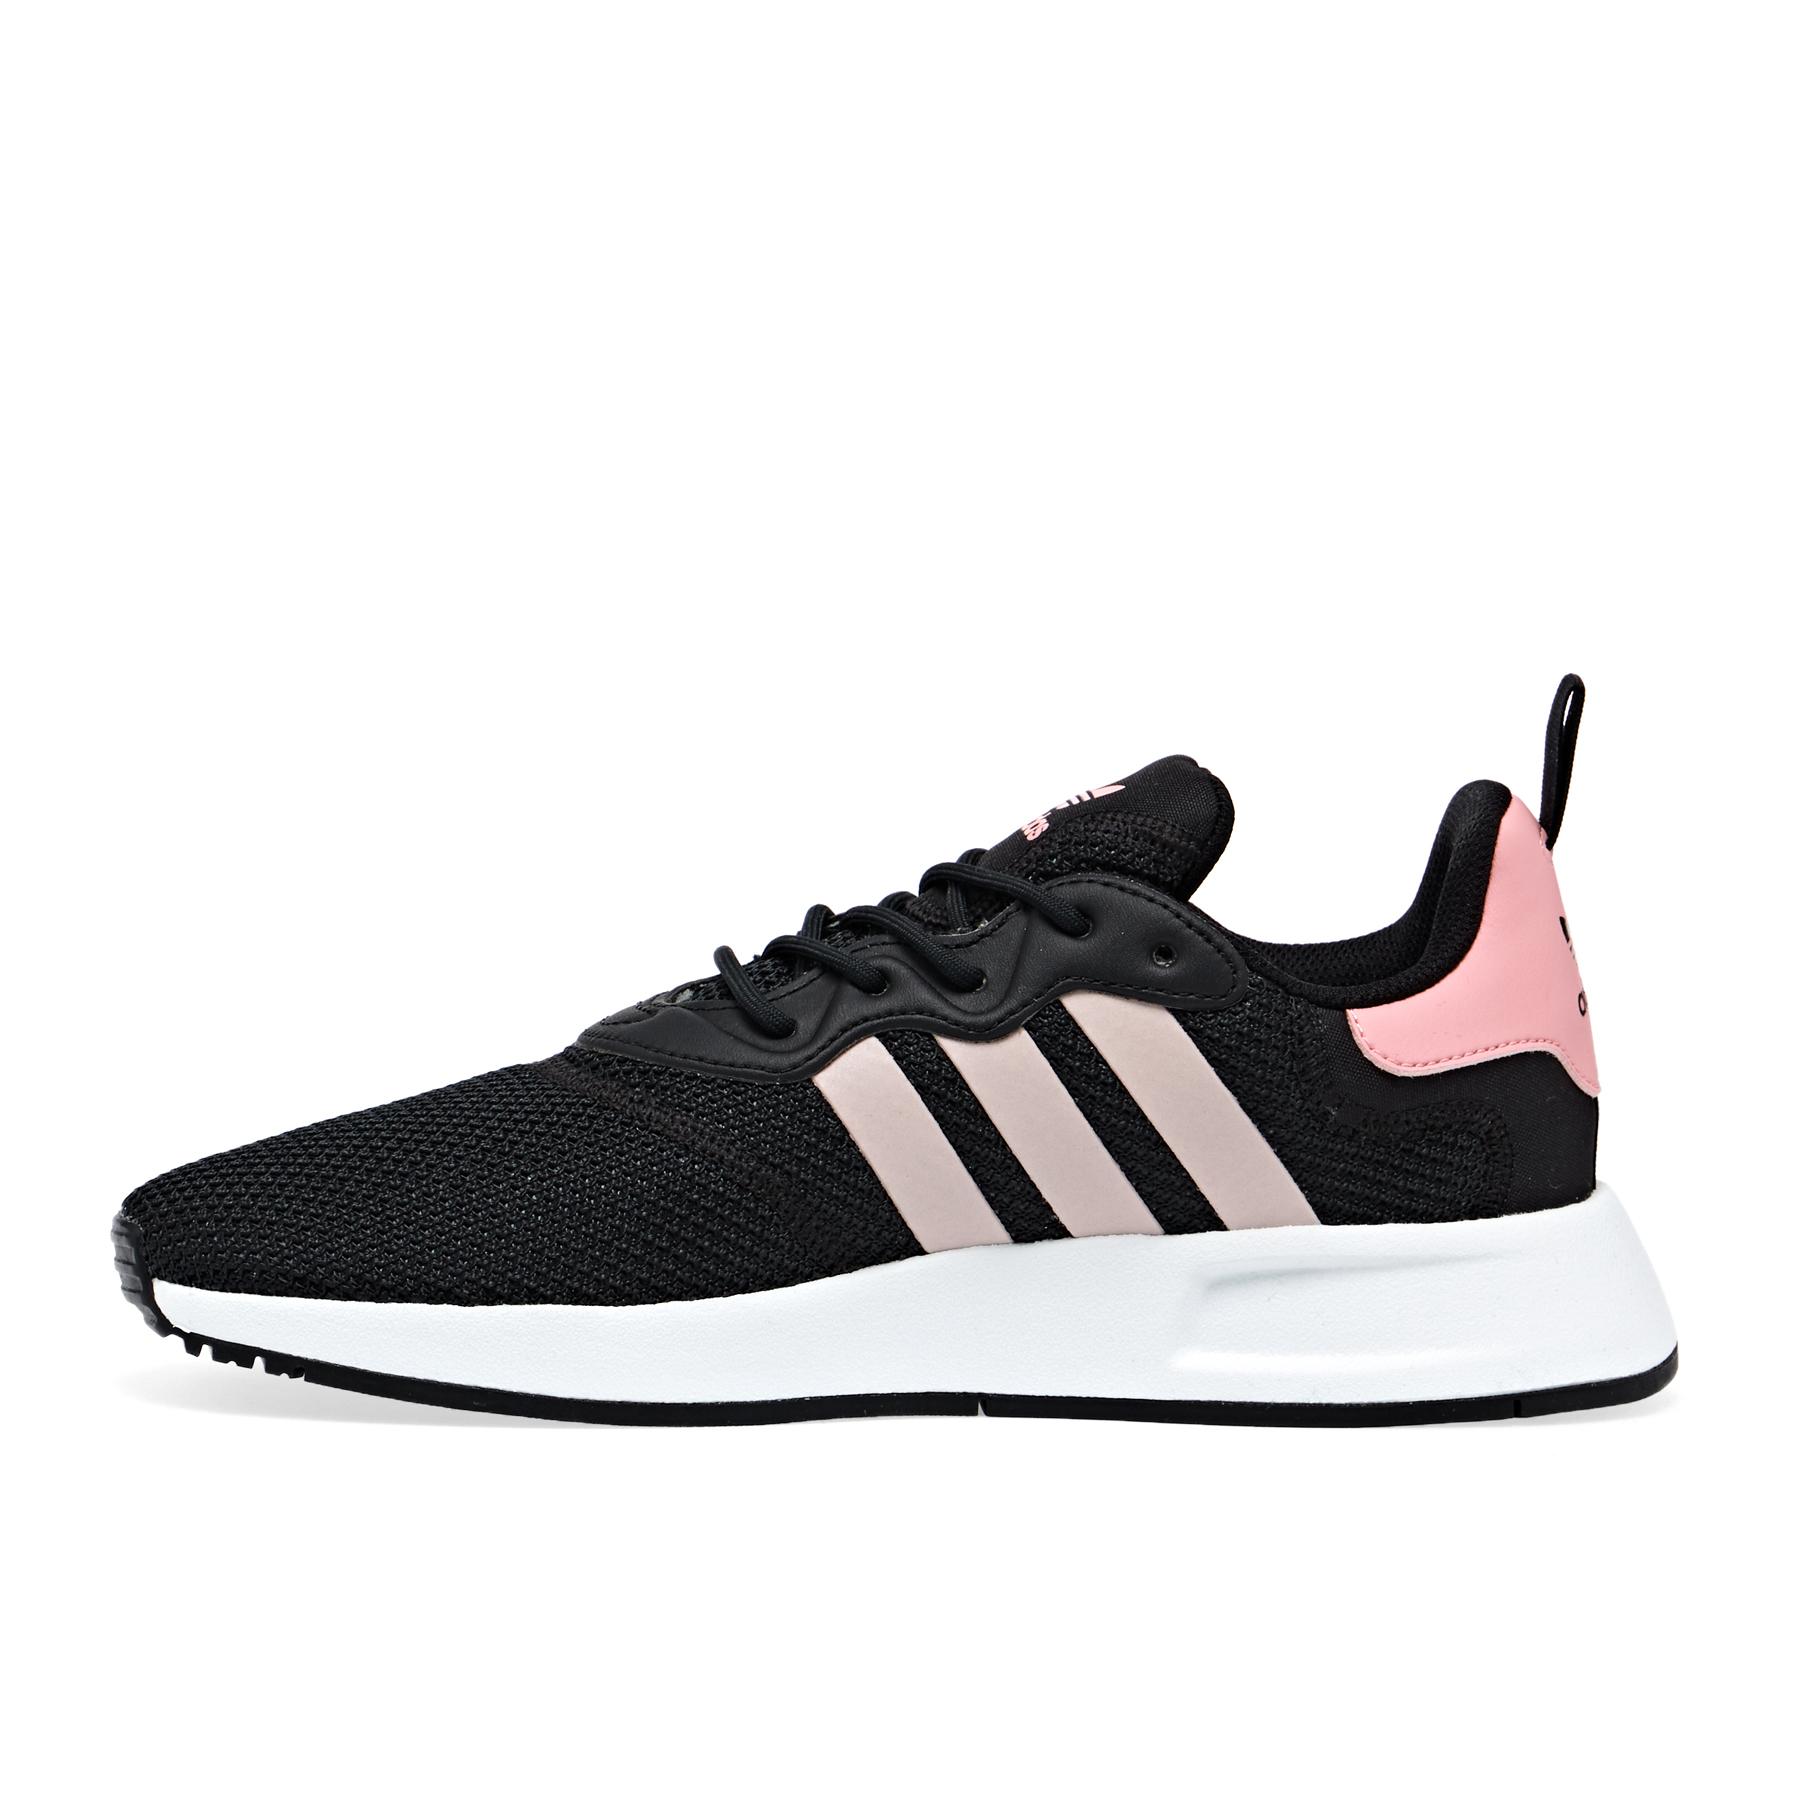 Adidas Originals X PLR 2 Womens Shoes